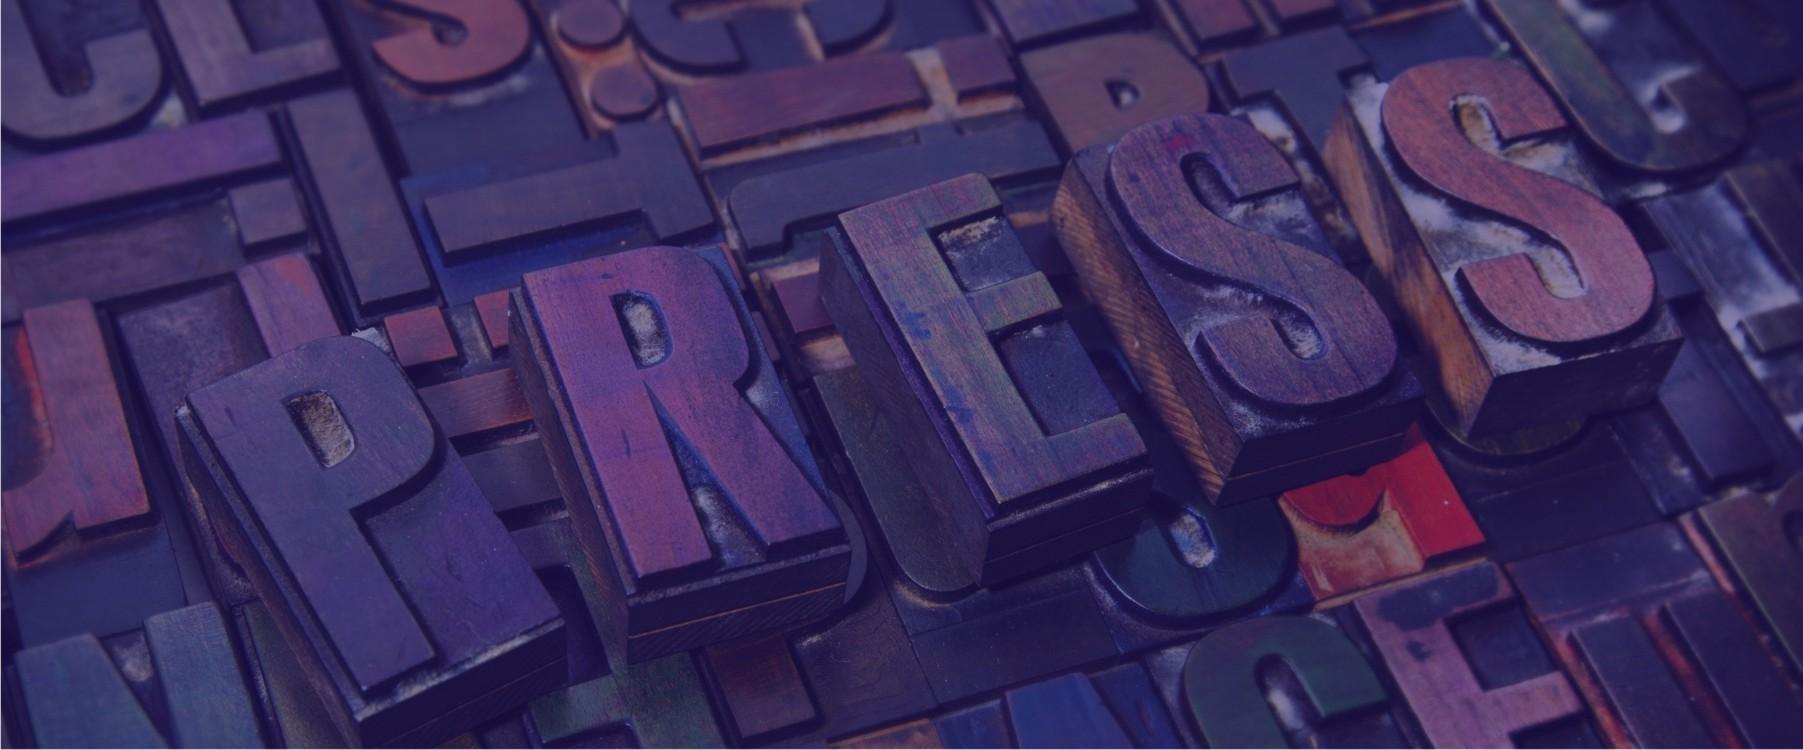 9karakter prospektus nyomtatás